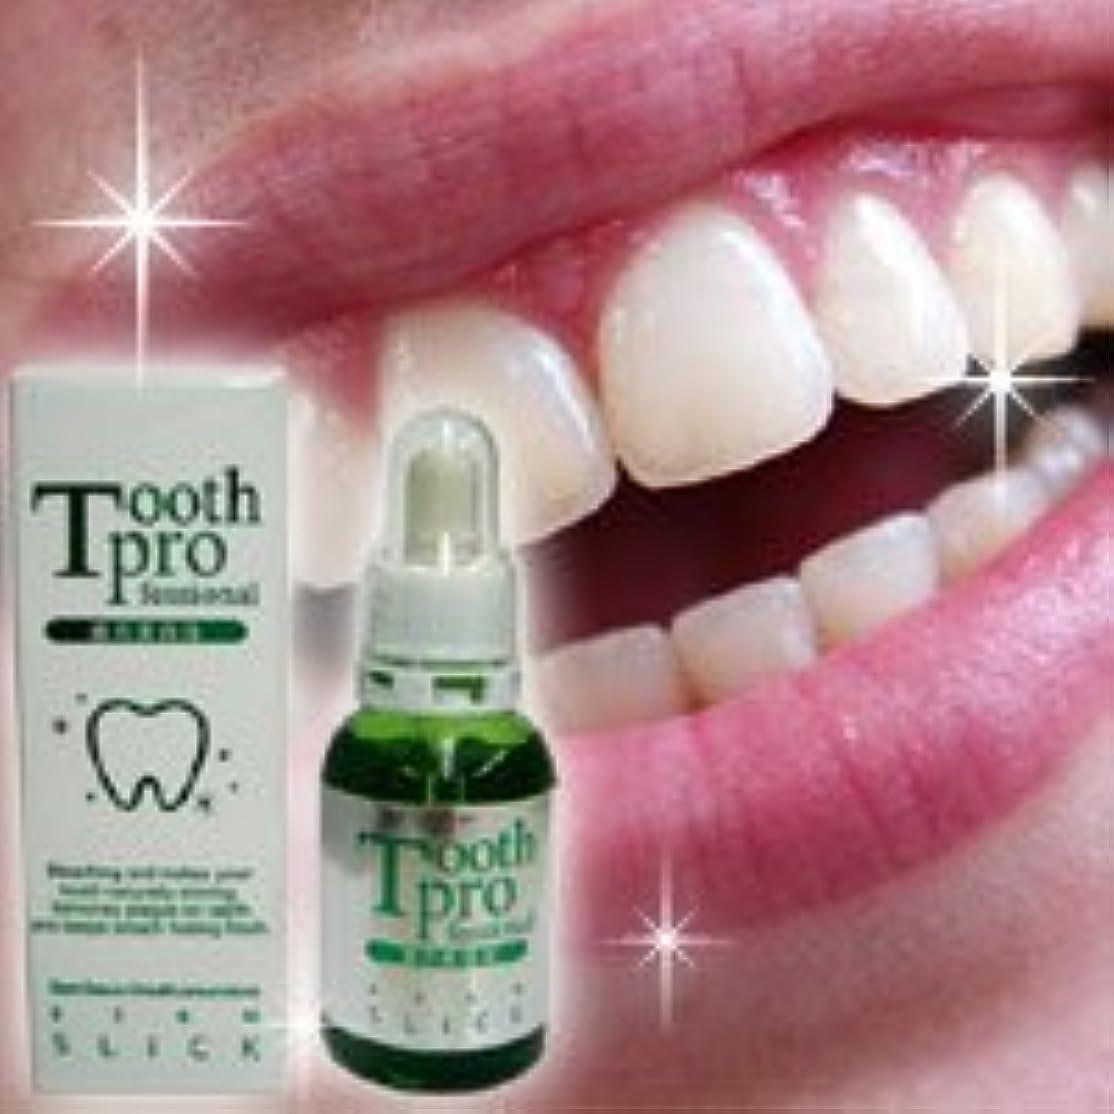 心配する真剣に笑歯科医が大絶賛!でも販売には猛反対! ビームスリック トゥースプロフェッショナル